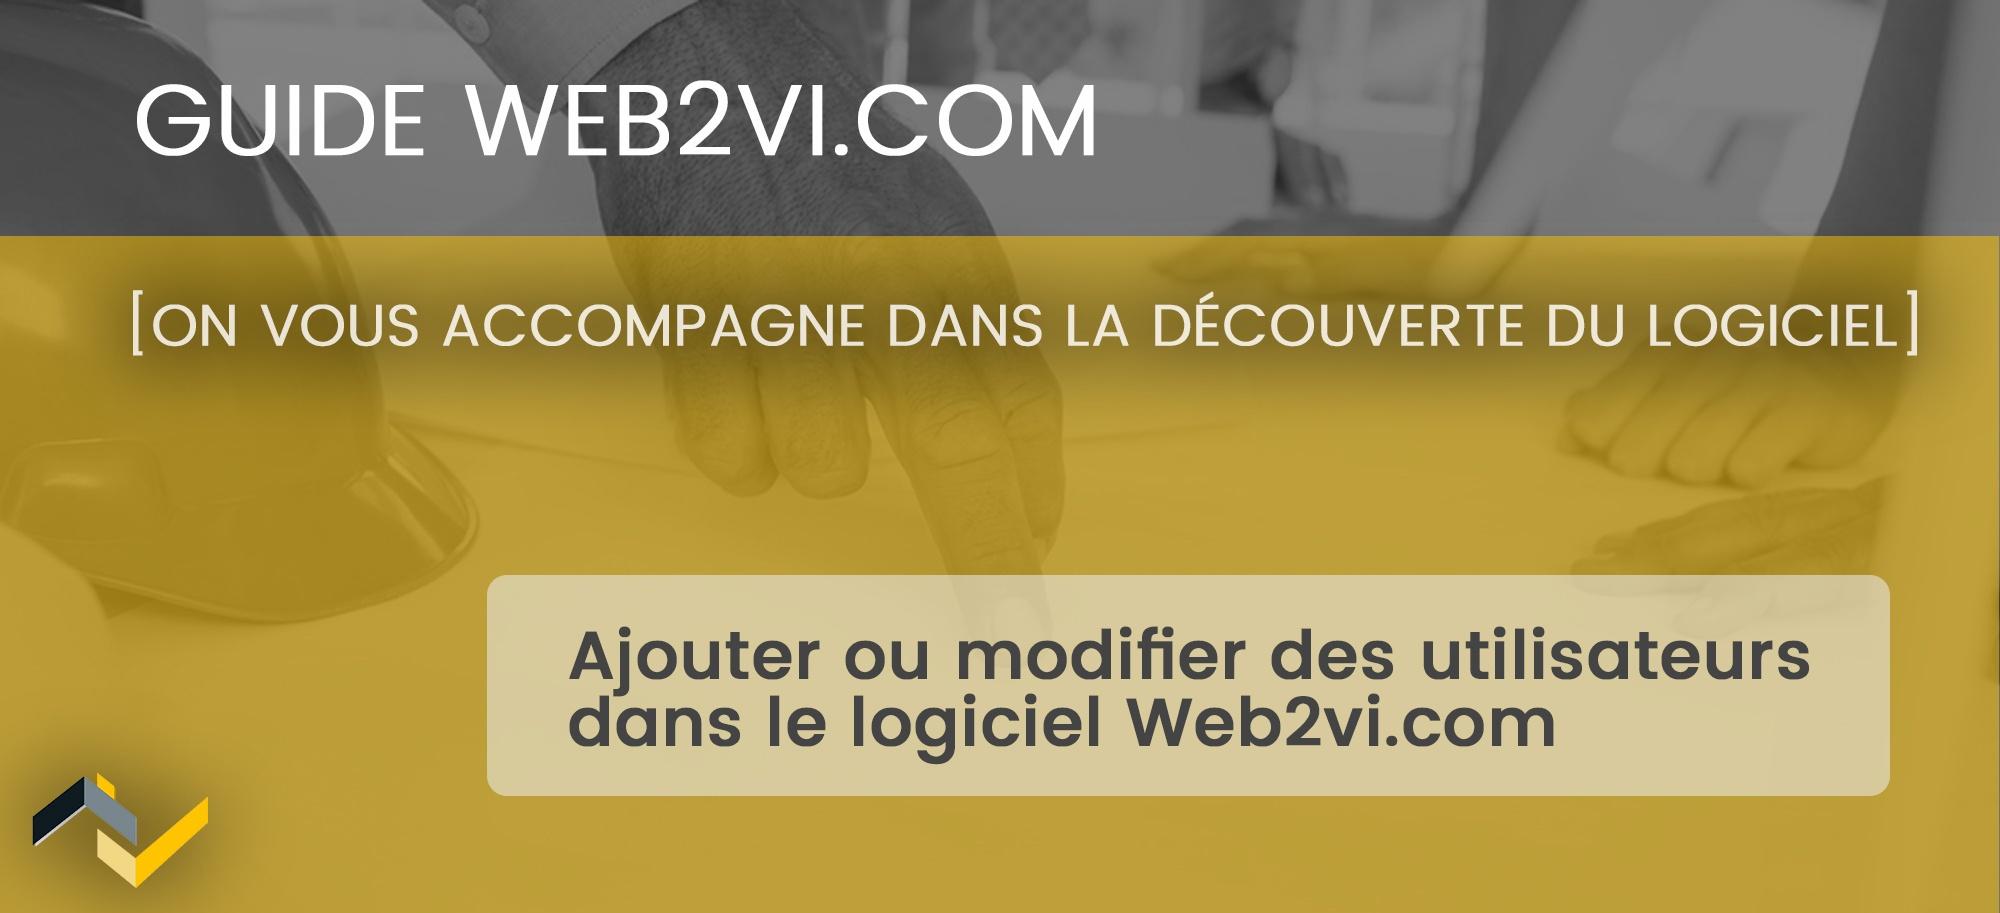 Ajouter ou modifier des utilisateurs dans le logiciel Web2vi.com